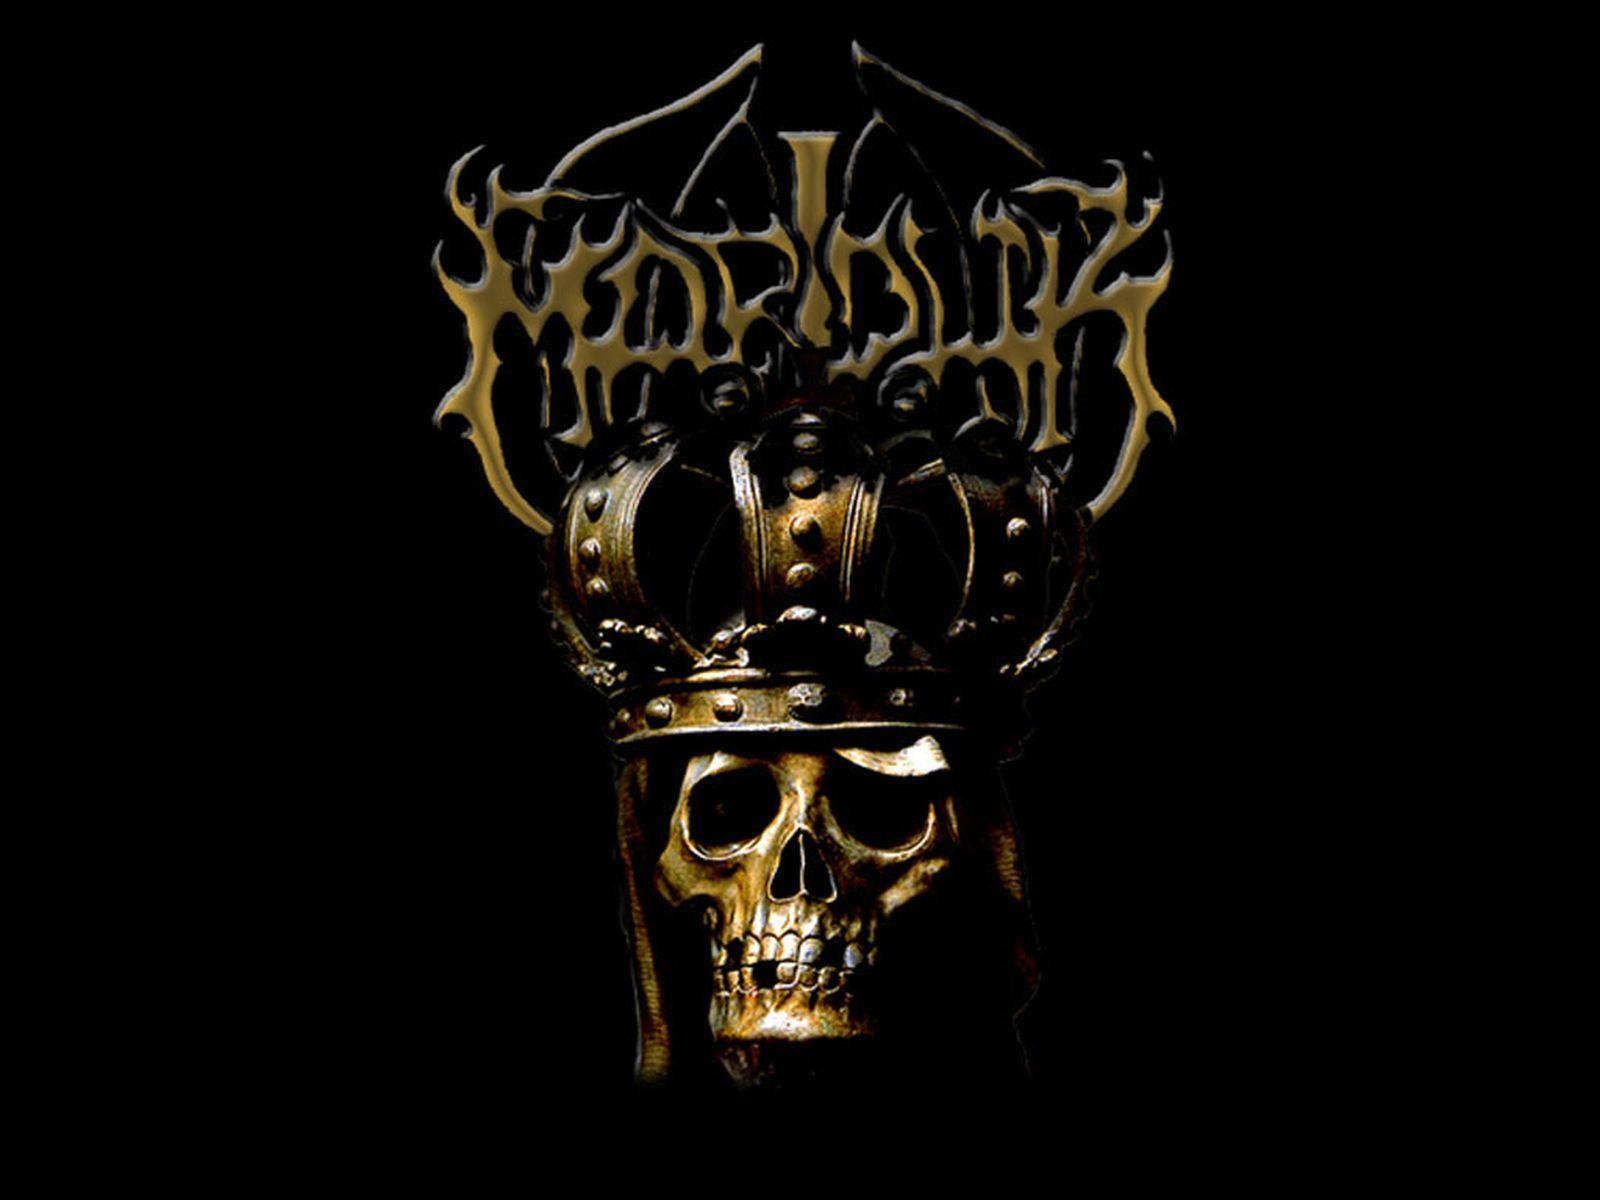 MARDUK black metal heavy hard rock dark skull skulls wallpaper ...